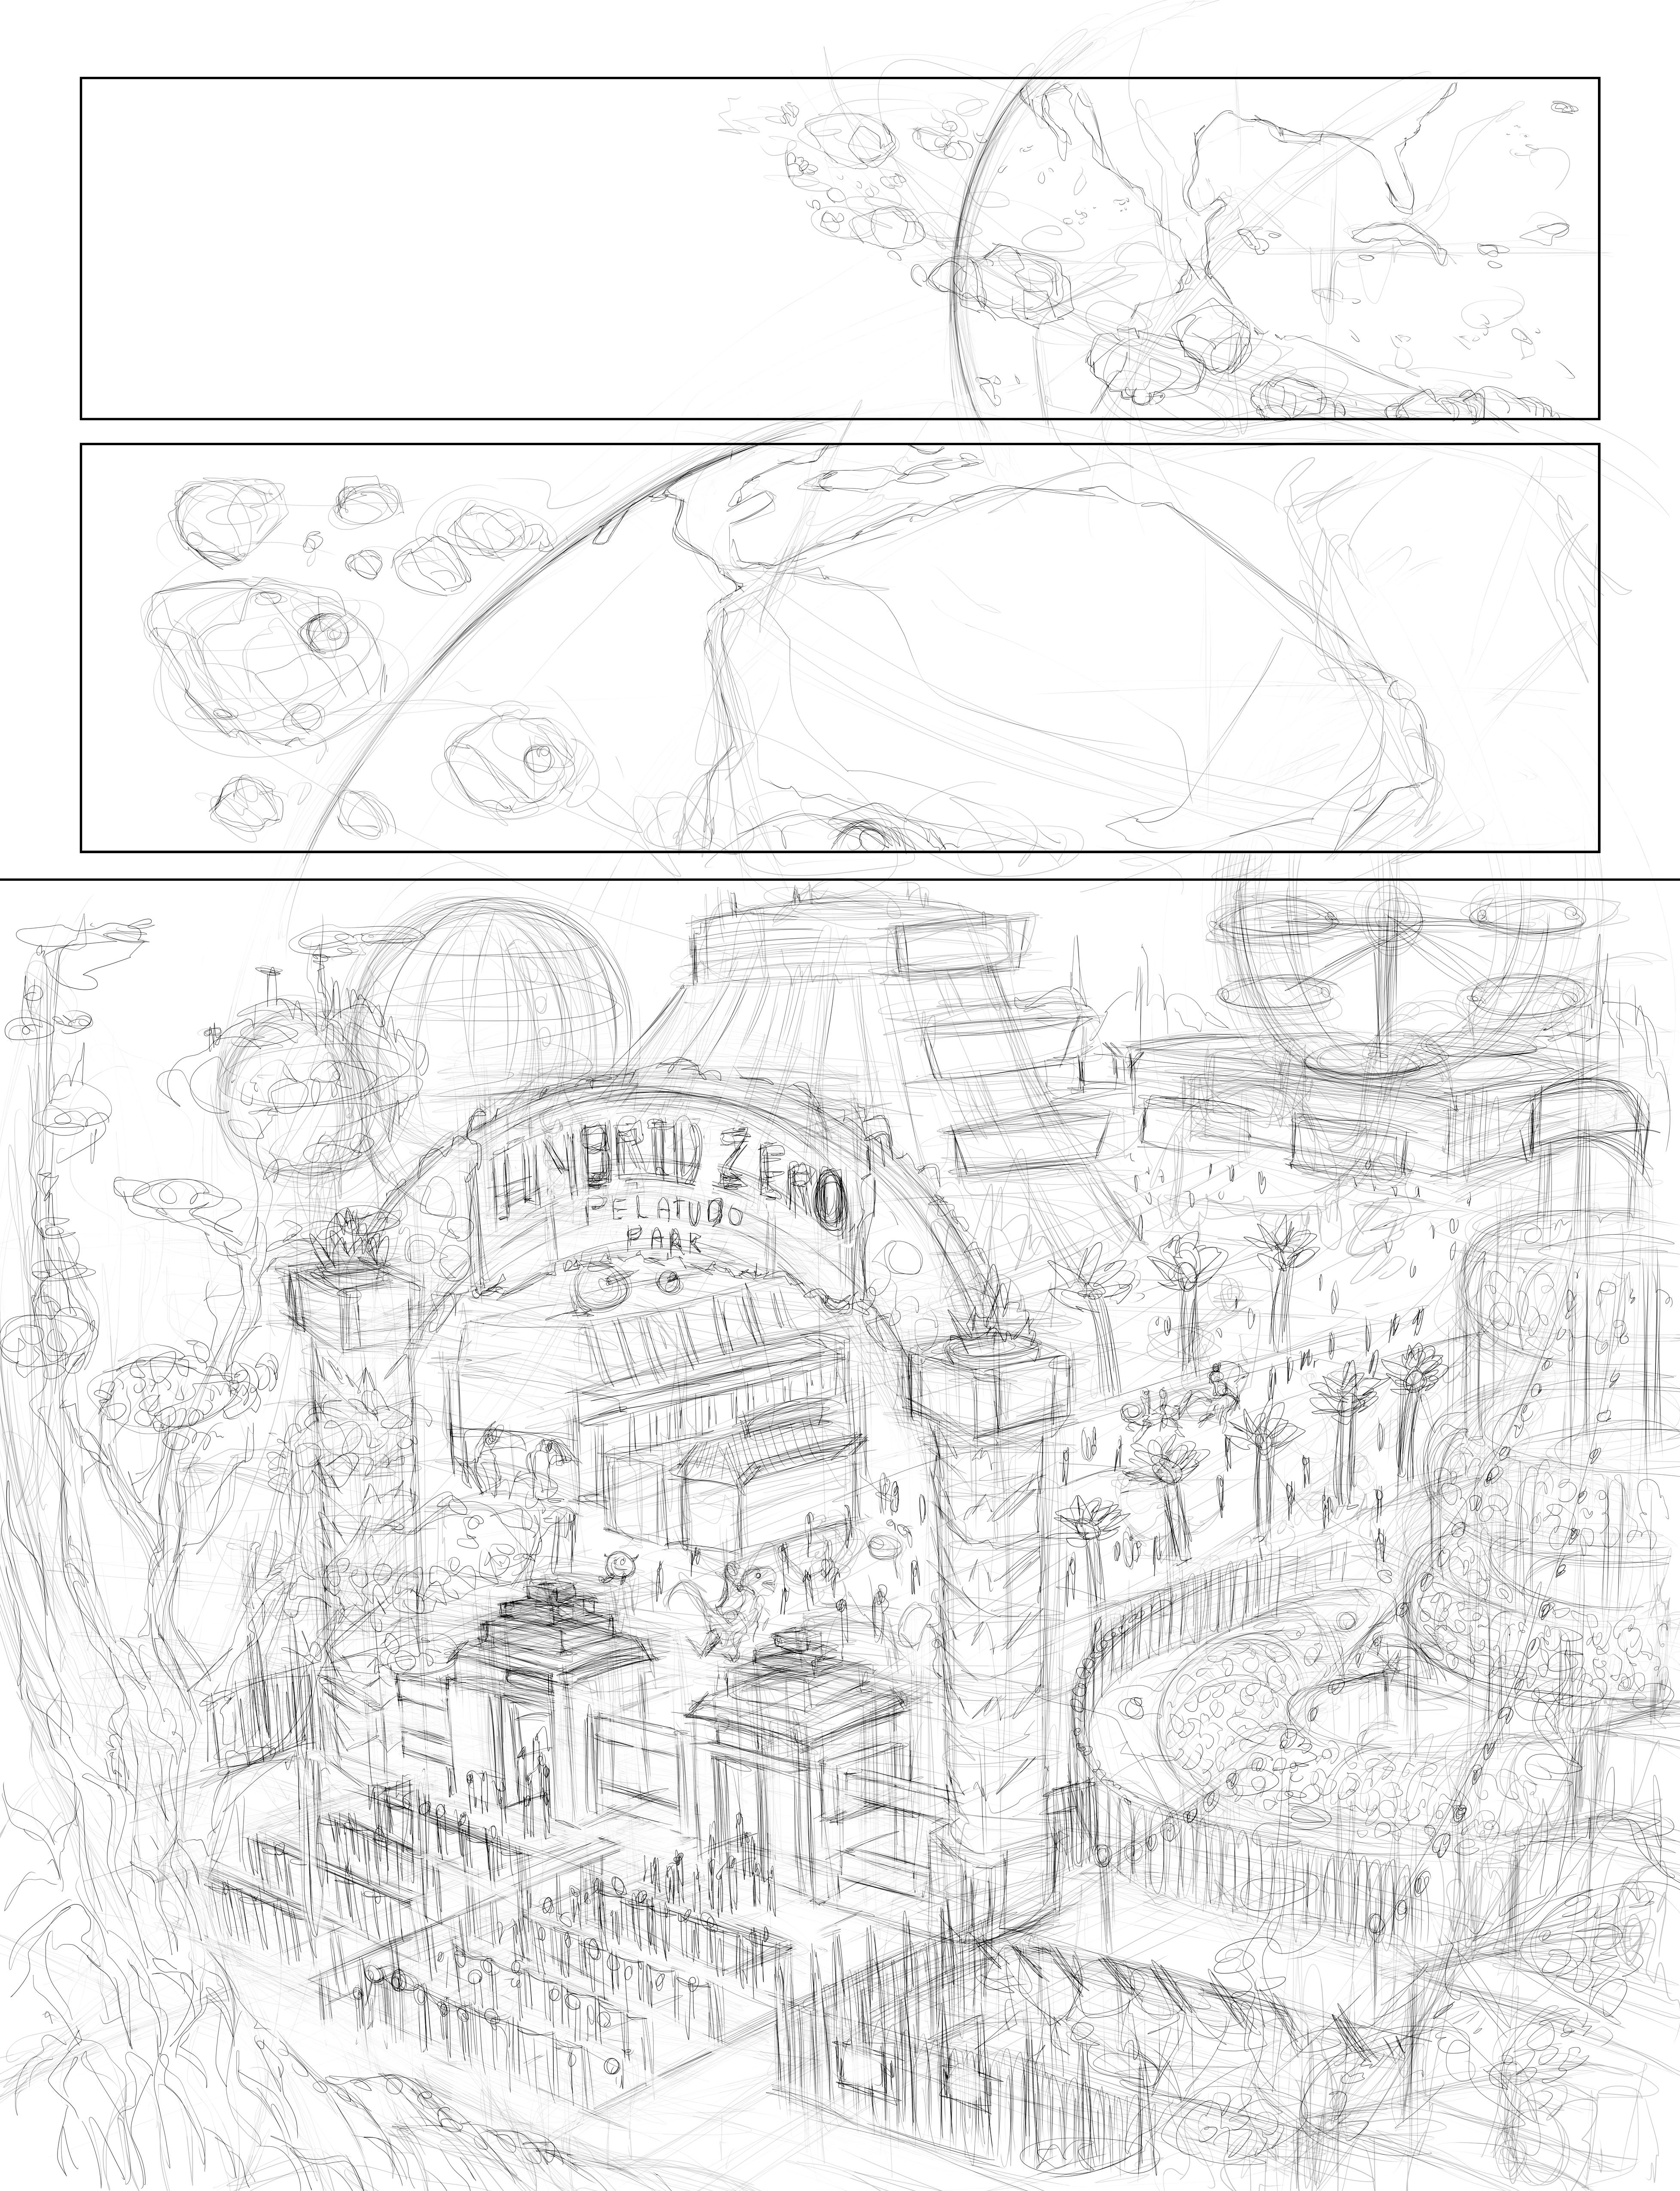 page 1 pencil